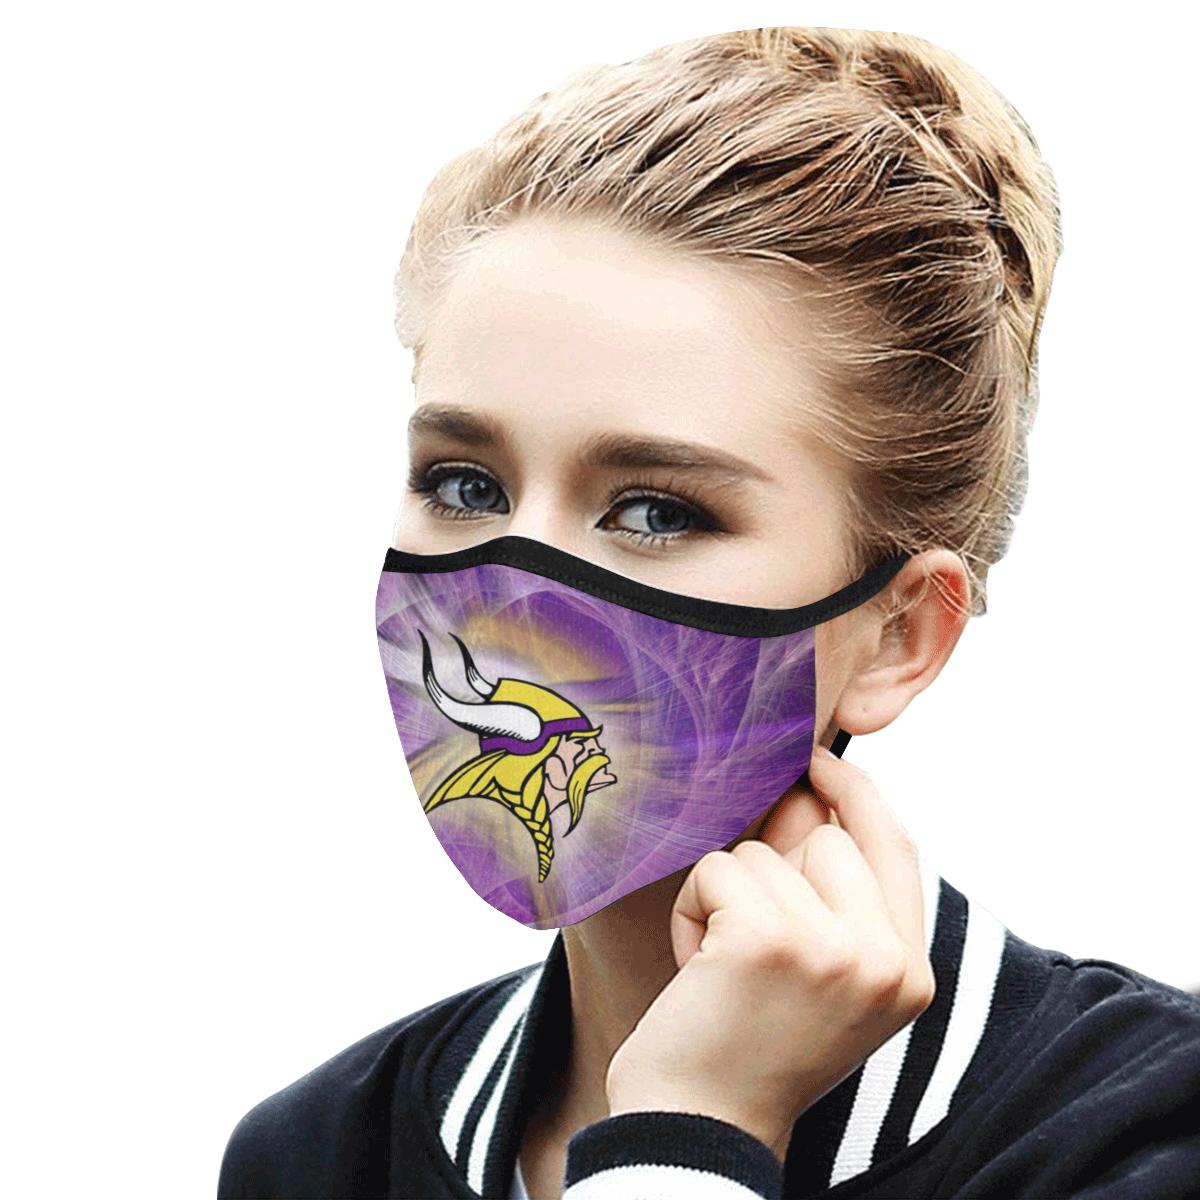 National football league minnesota vikings cotton face mask 4